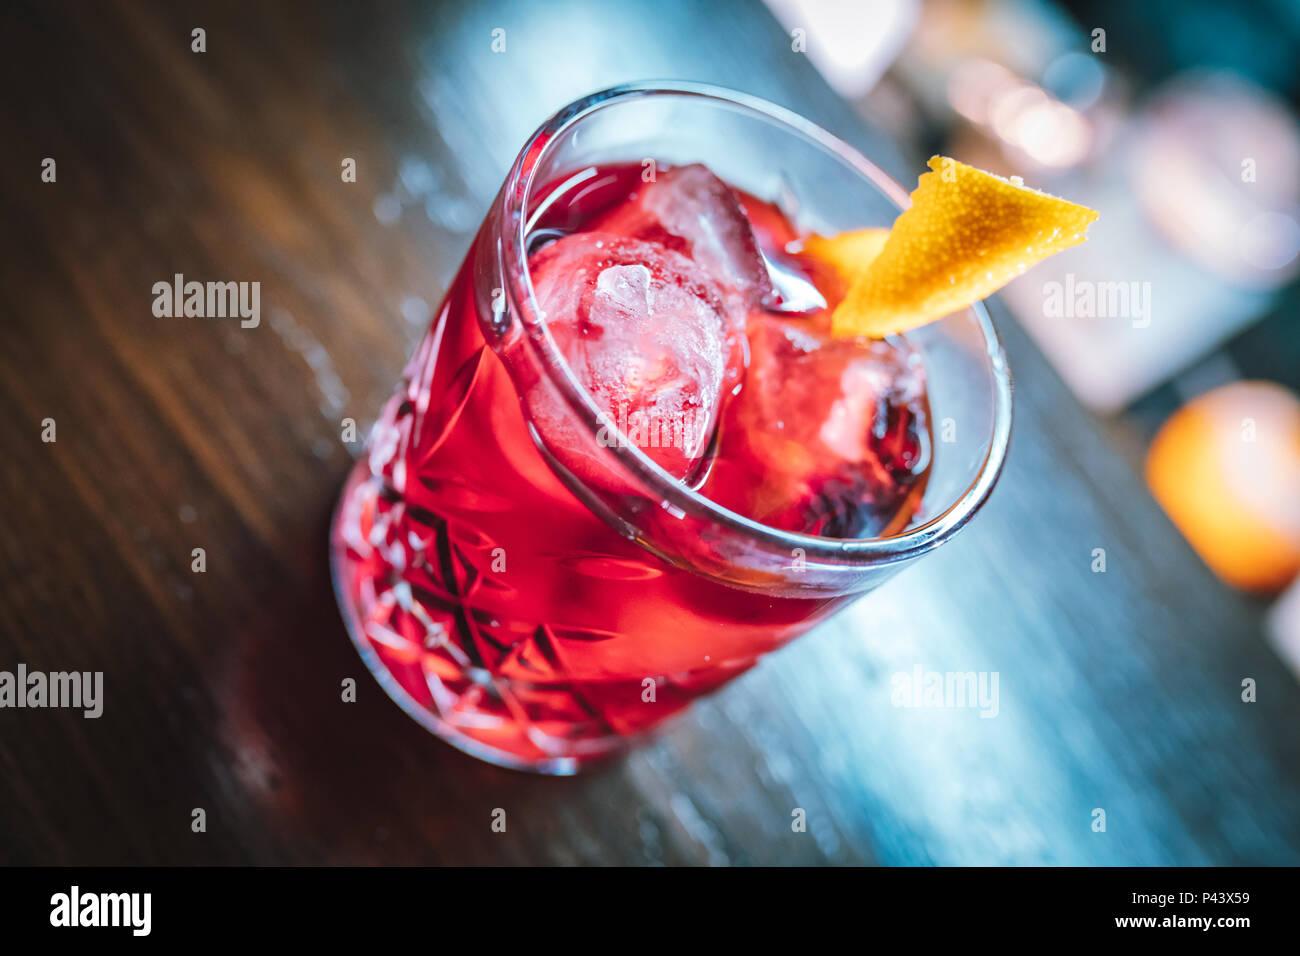 Rosa und Rot frischen bunten exotischen alkoholfreien Cocktail mit Zitrone und Eis in der Bar. Bunte rosa Soft Drink mit Eis an der Bar. Red cocktail Stockbild